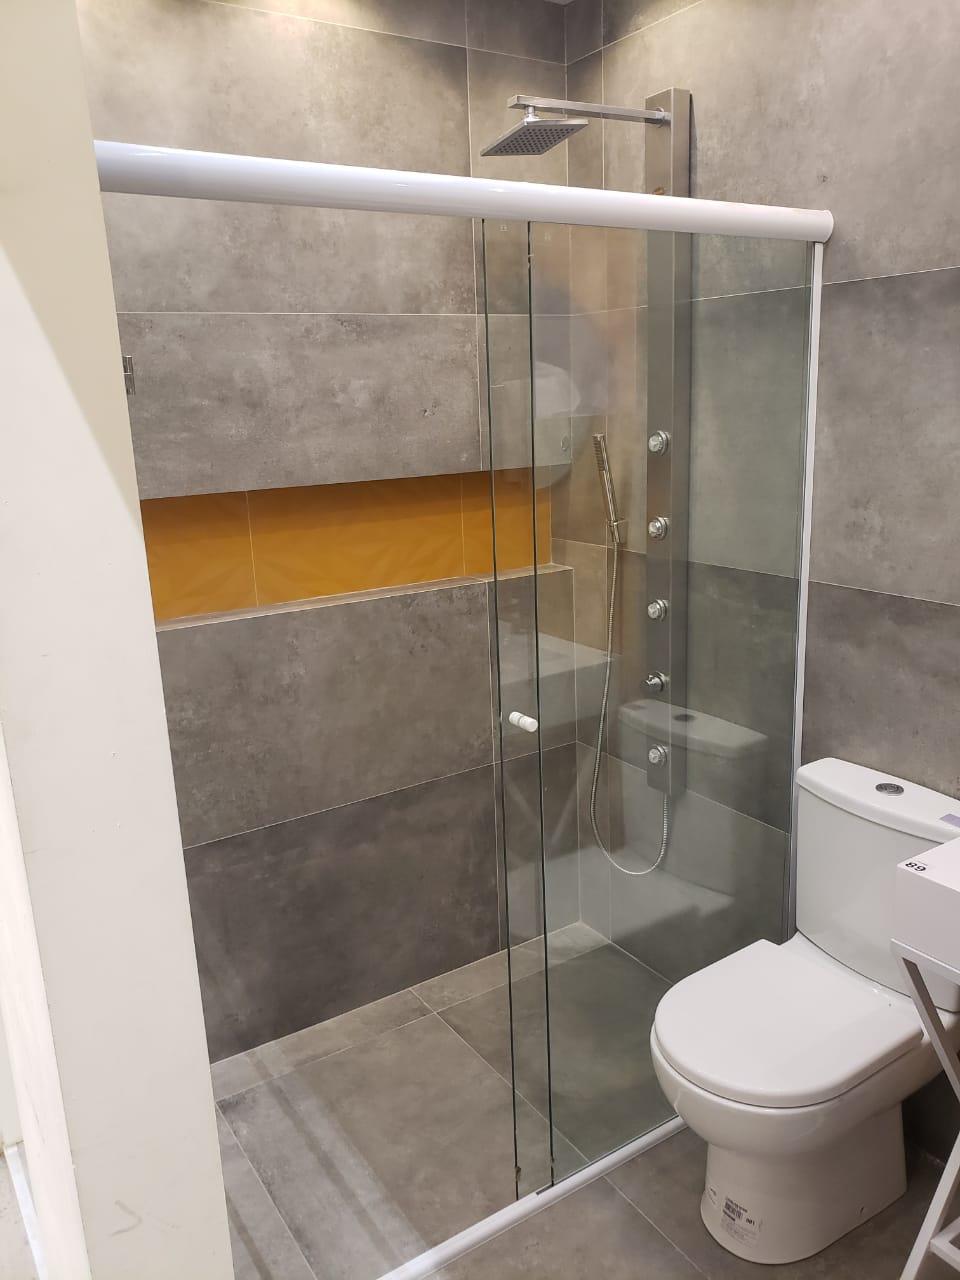 Kit Box De Vidro Temperado Frontal 100cm Largura Sem Vidro branco